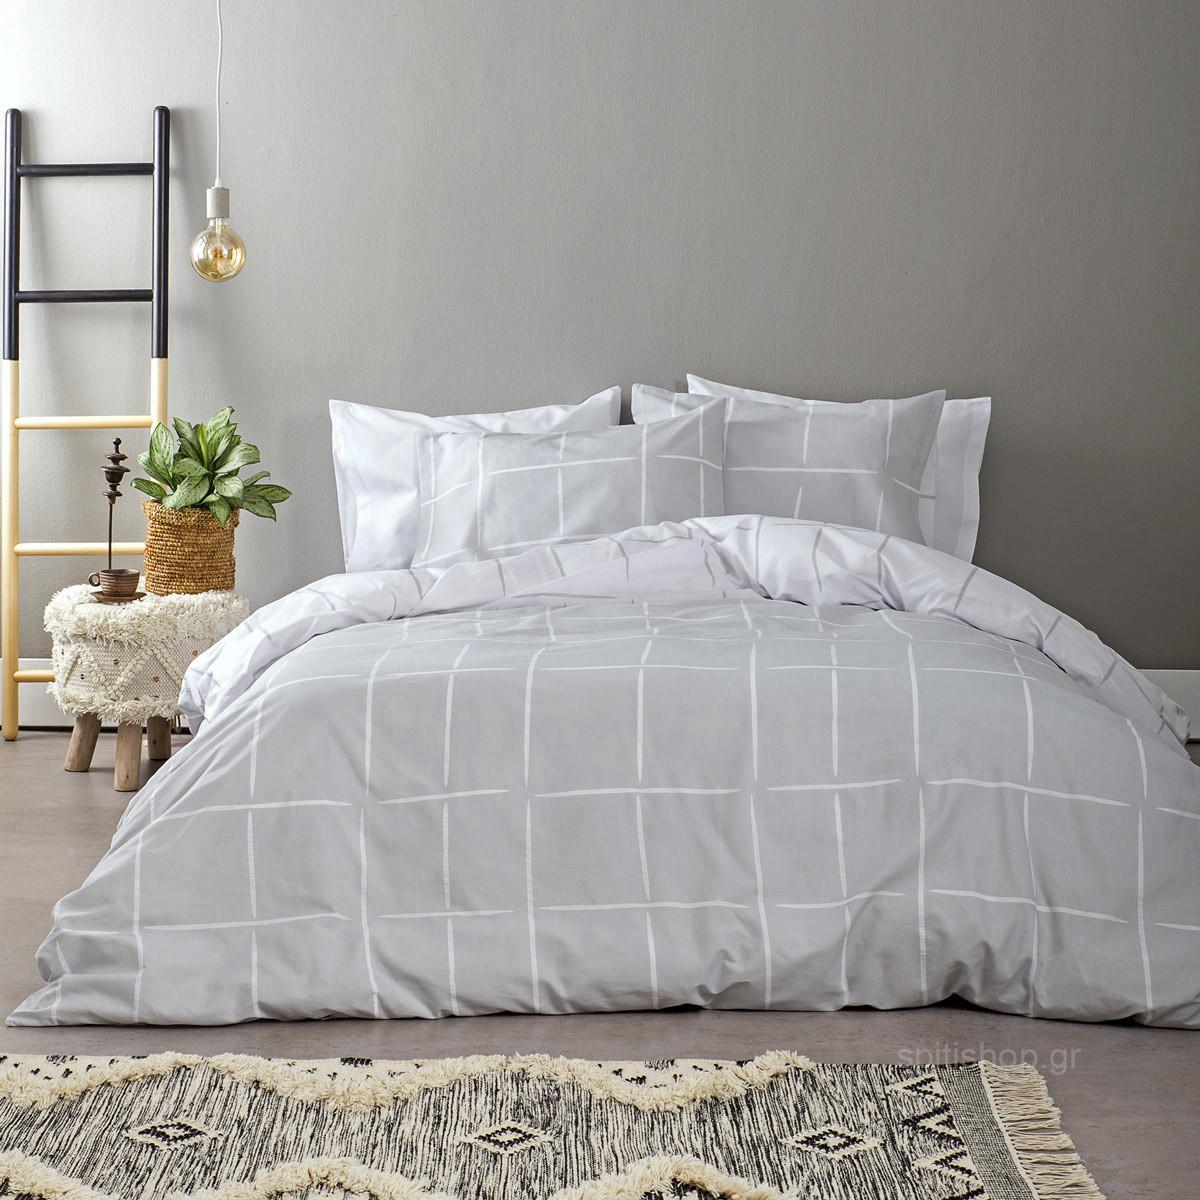 Σεντόνια Υπέρδιπλα (Σετ) Nima Bed Linen Infinity Grey ΜΕ ΛΑΣΤΙΧΟ 160×200+32 ΜΕ ΛΑΣΤΙΧΟ 160×200+32